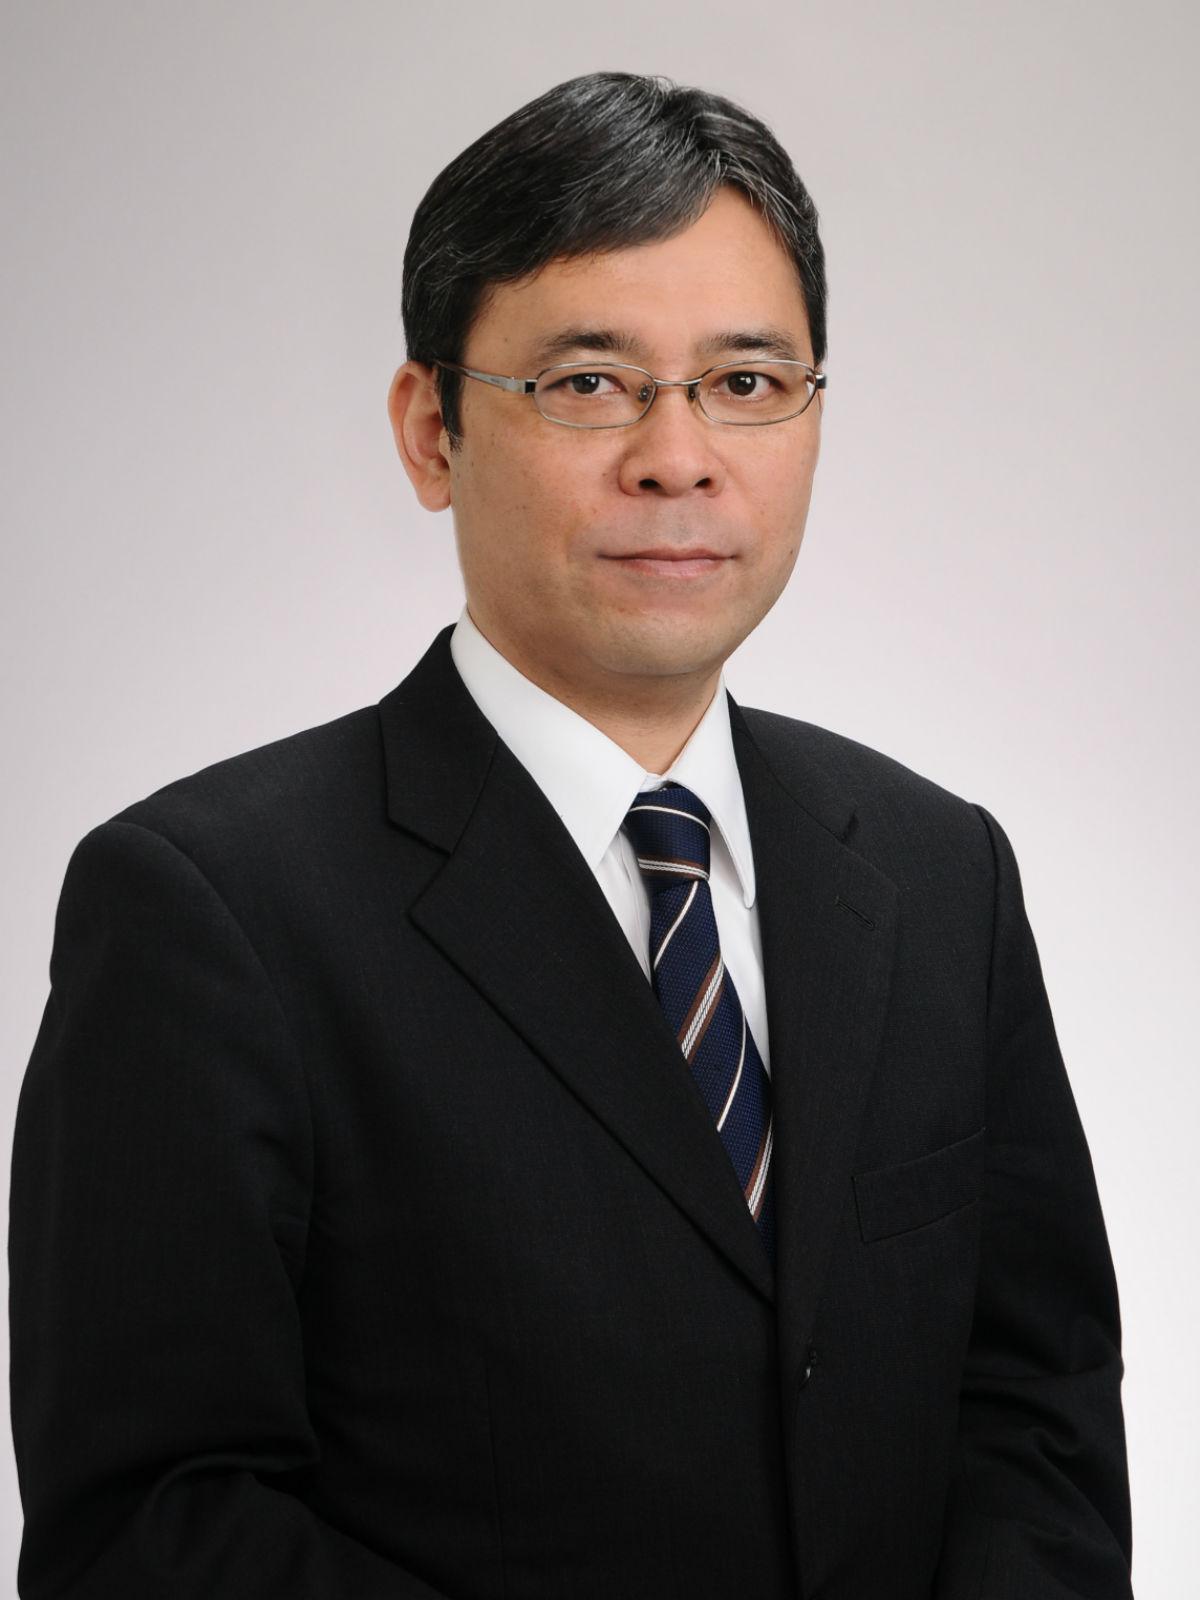 福場 健太郎